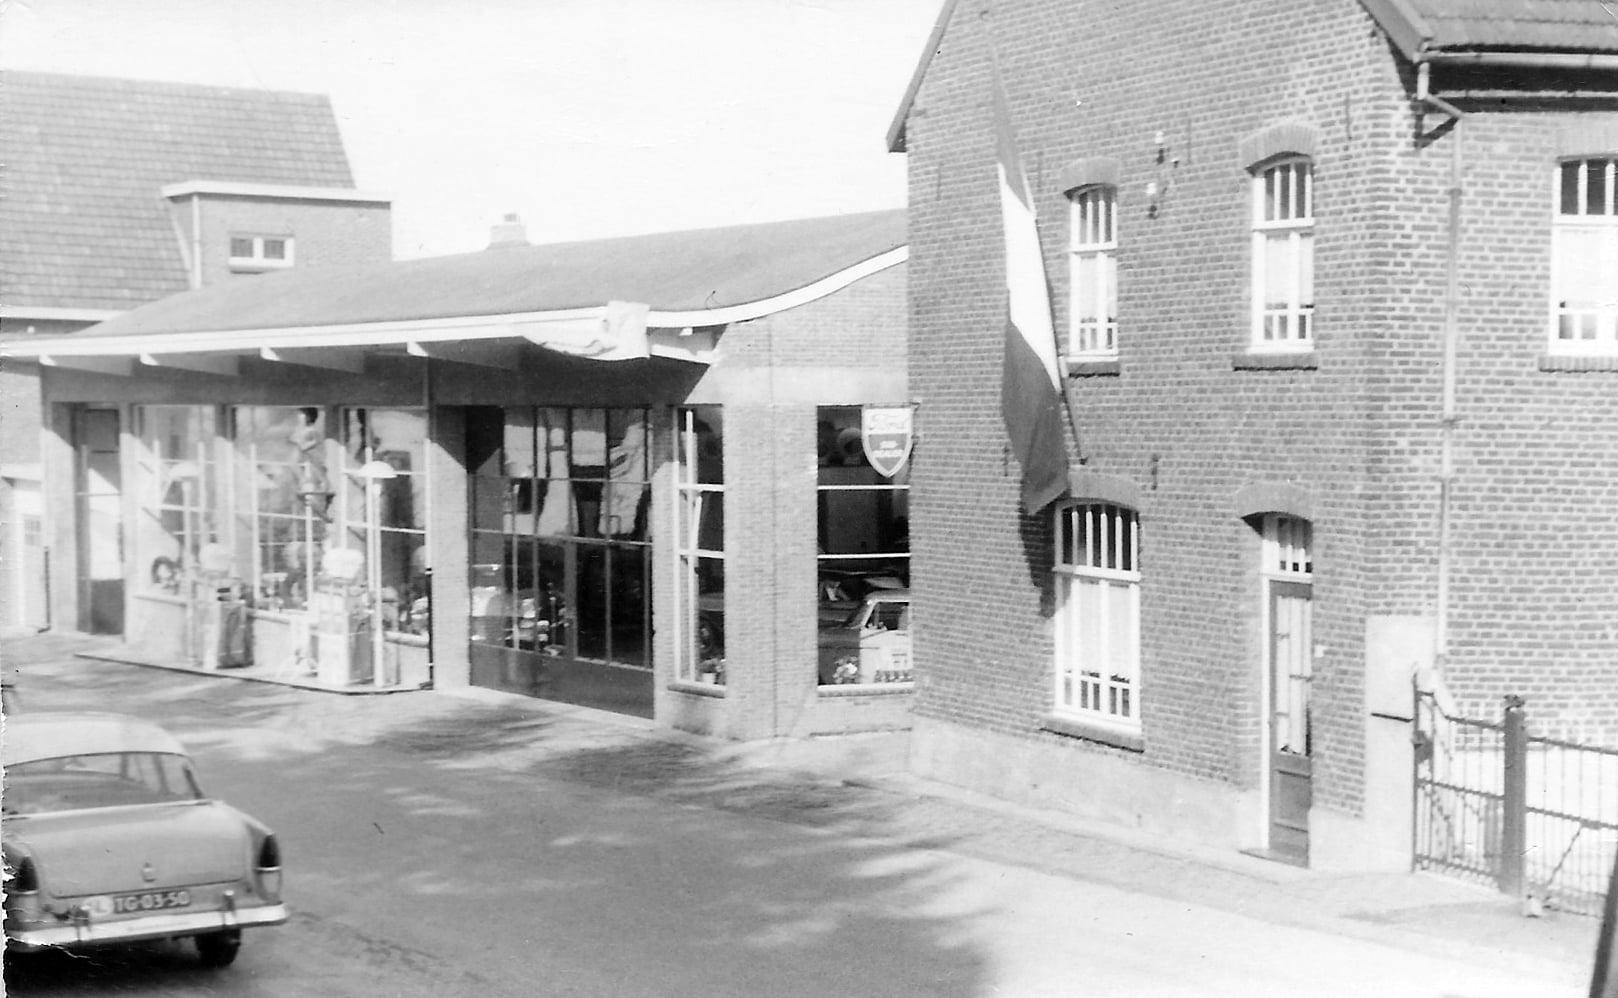 ford--Garage-Beuken-in-Margraten--circa-1955